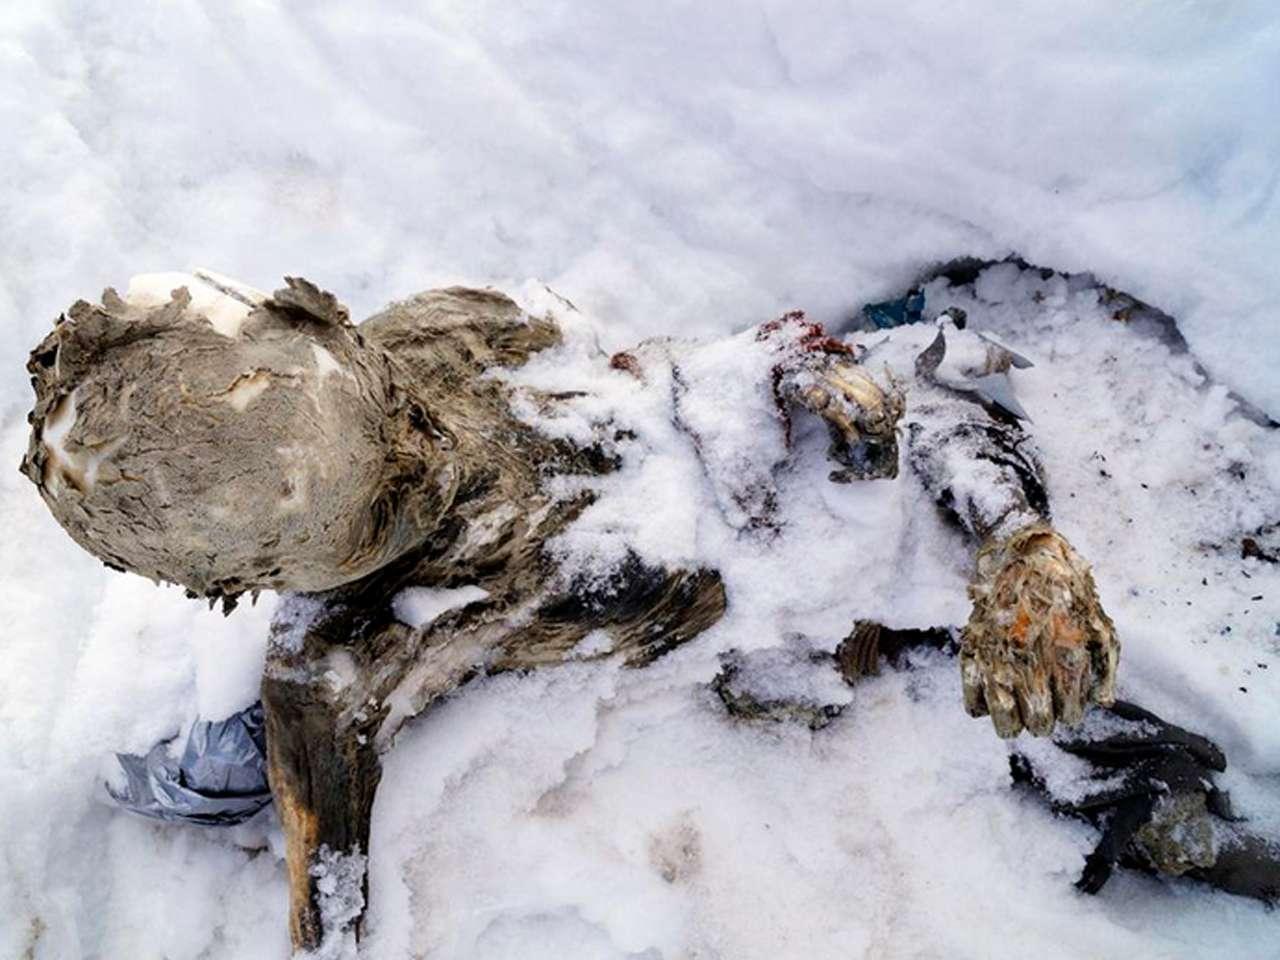 Desde la cuenta de Twitter del Ayuntamiento de Chalchicomula de Sesma se dieron a conocer fotos de los cuerpos de los alpinistas momificados encontrados en el volcán mexicano El Pico de Orizaba Foto: @chalchi_ayto